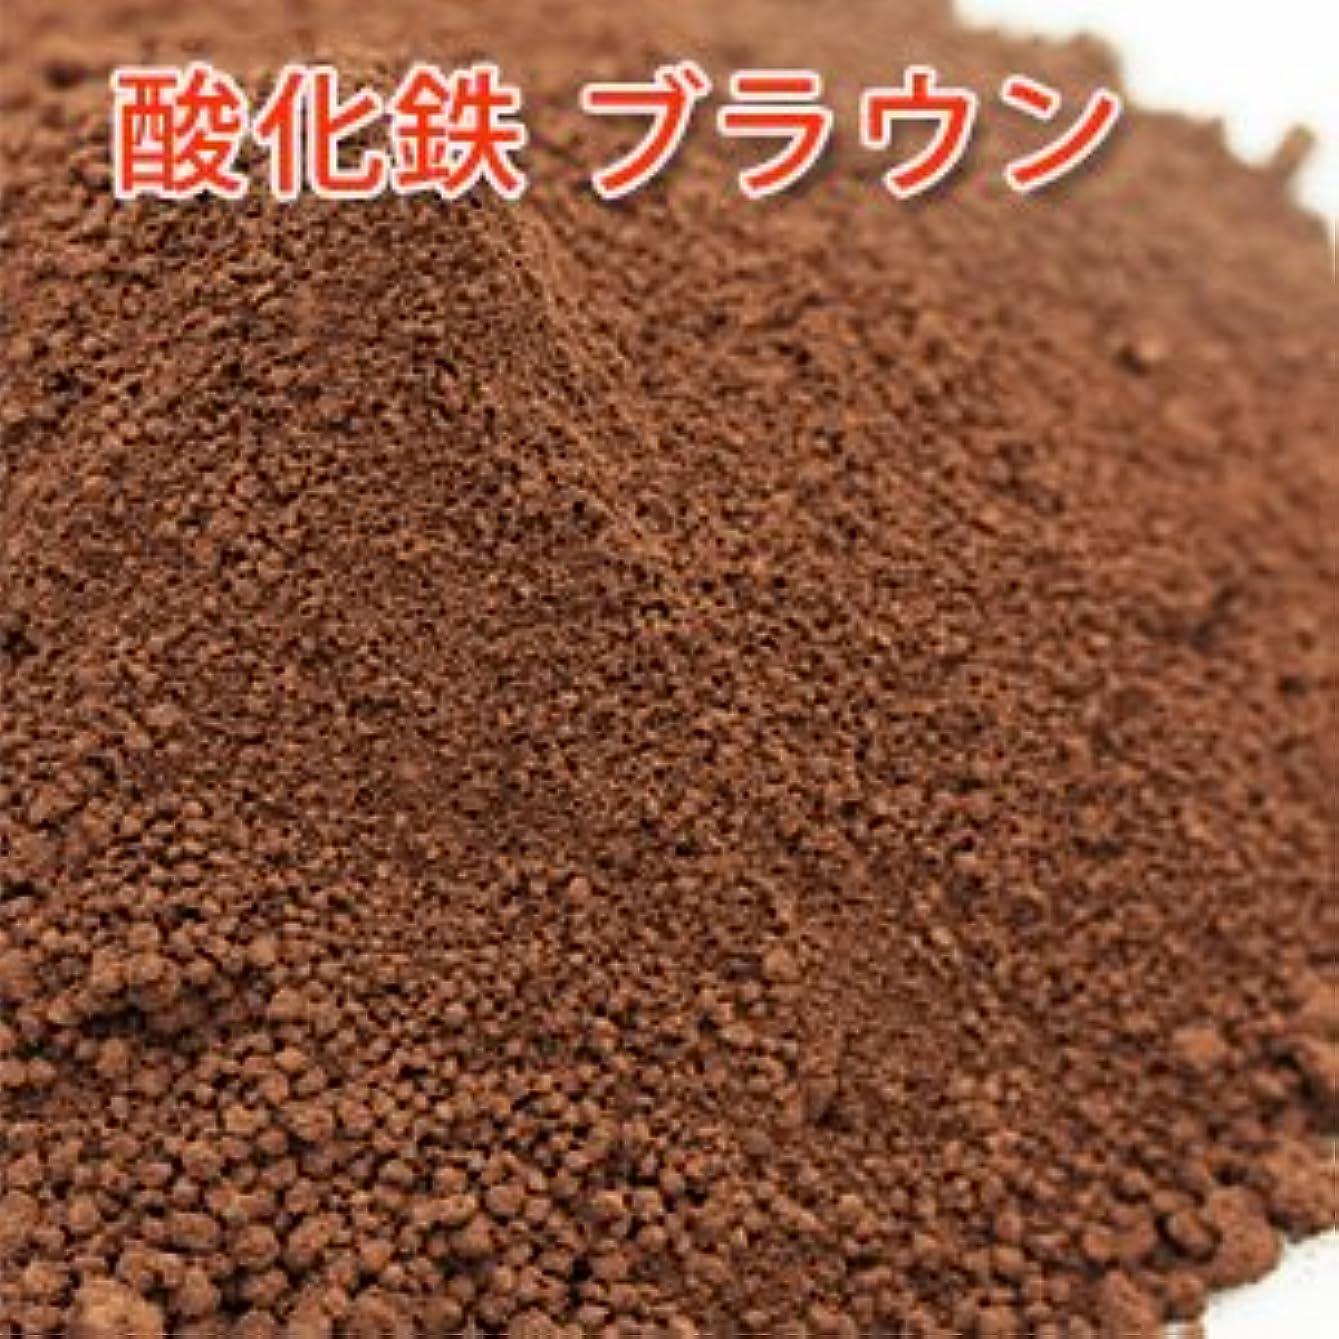 スロベニアキルト弾力性のある酸化鉄 ブラウン 5g 【手作り石鹸/手作りコスメ/色付け/カラーラント/茶】